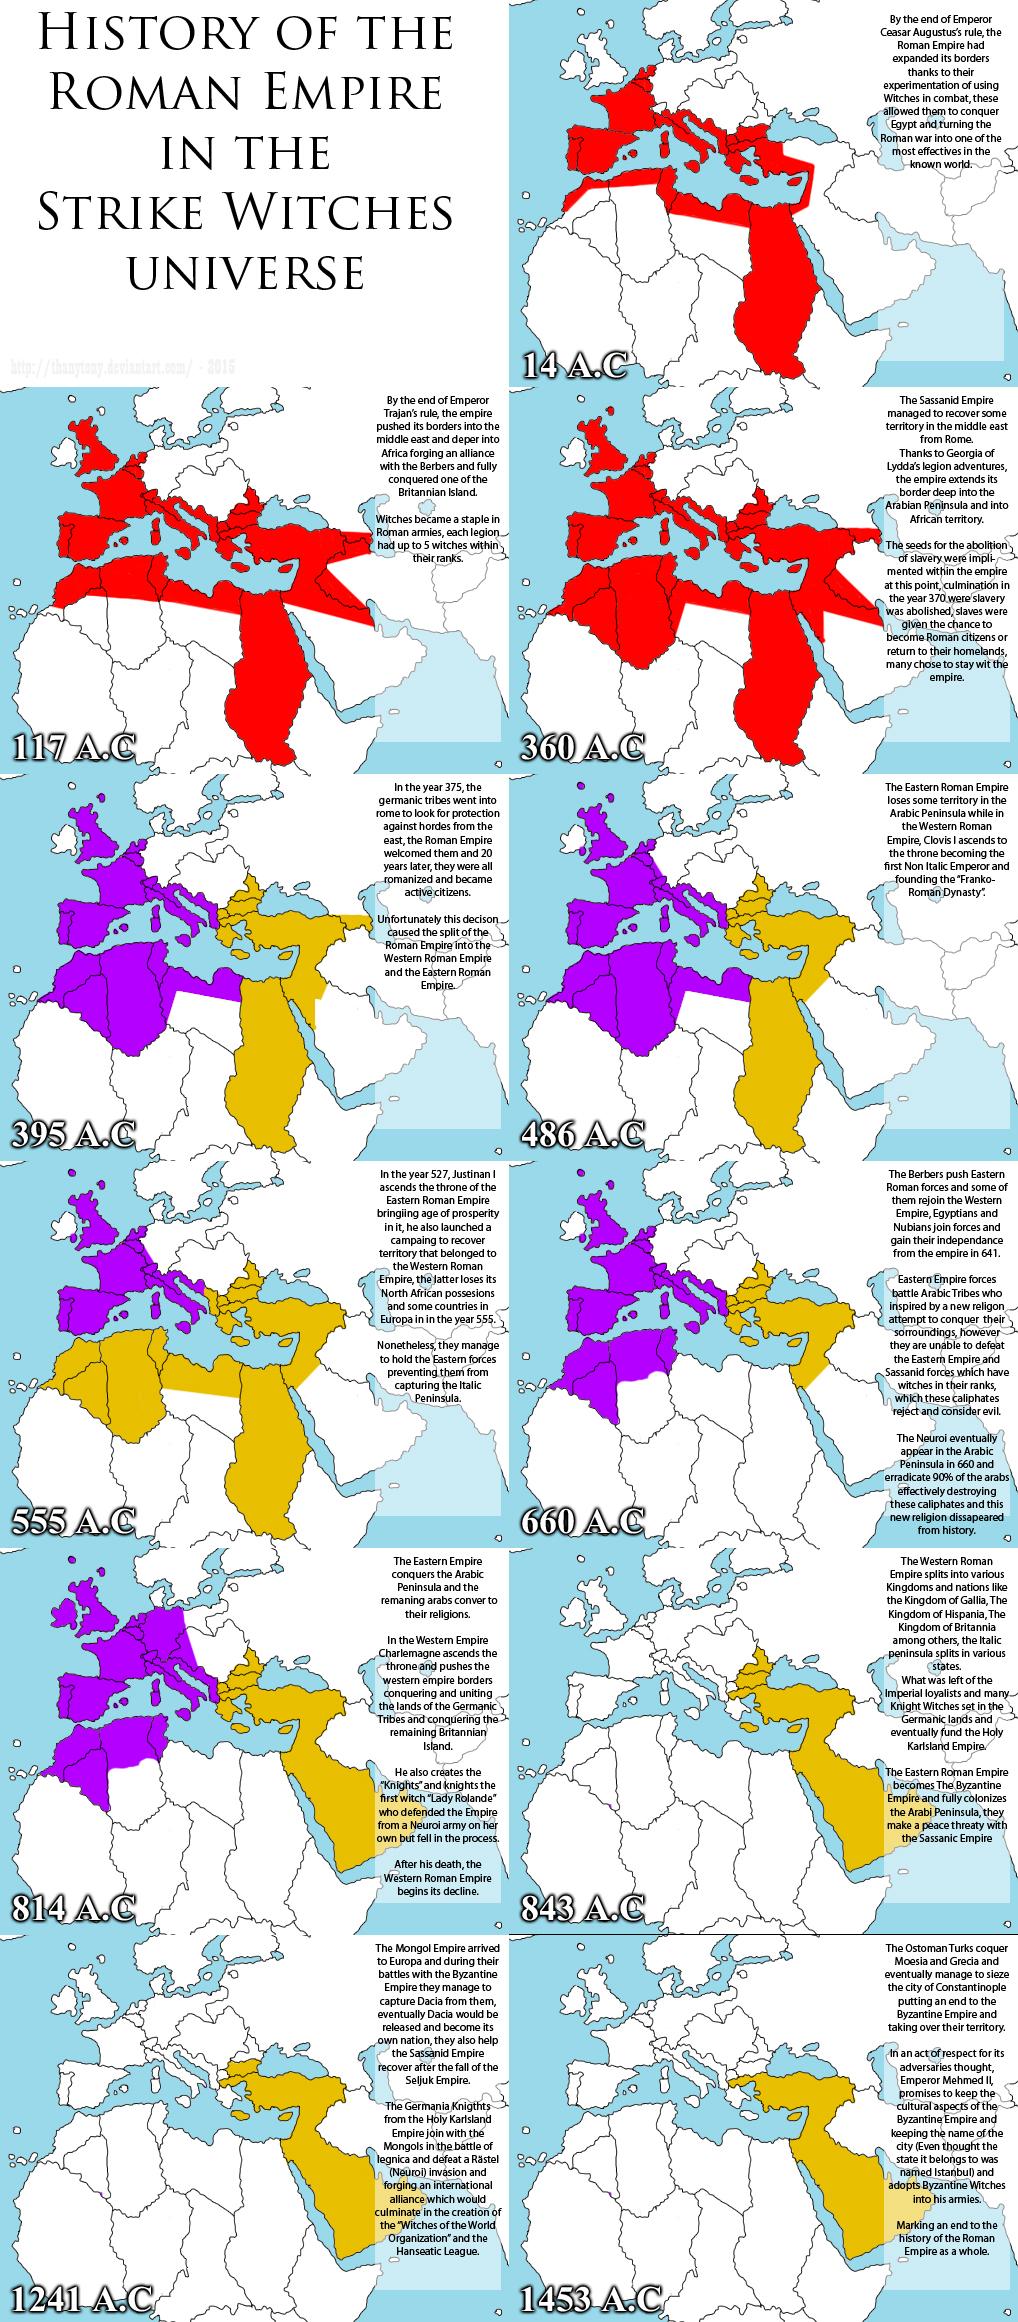 SW: The History of the Roman Empire by ThanyTony